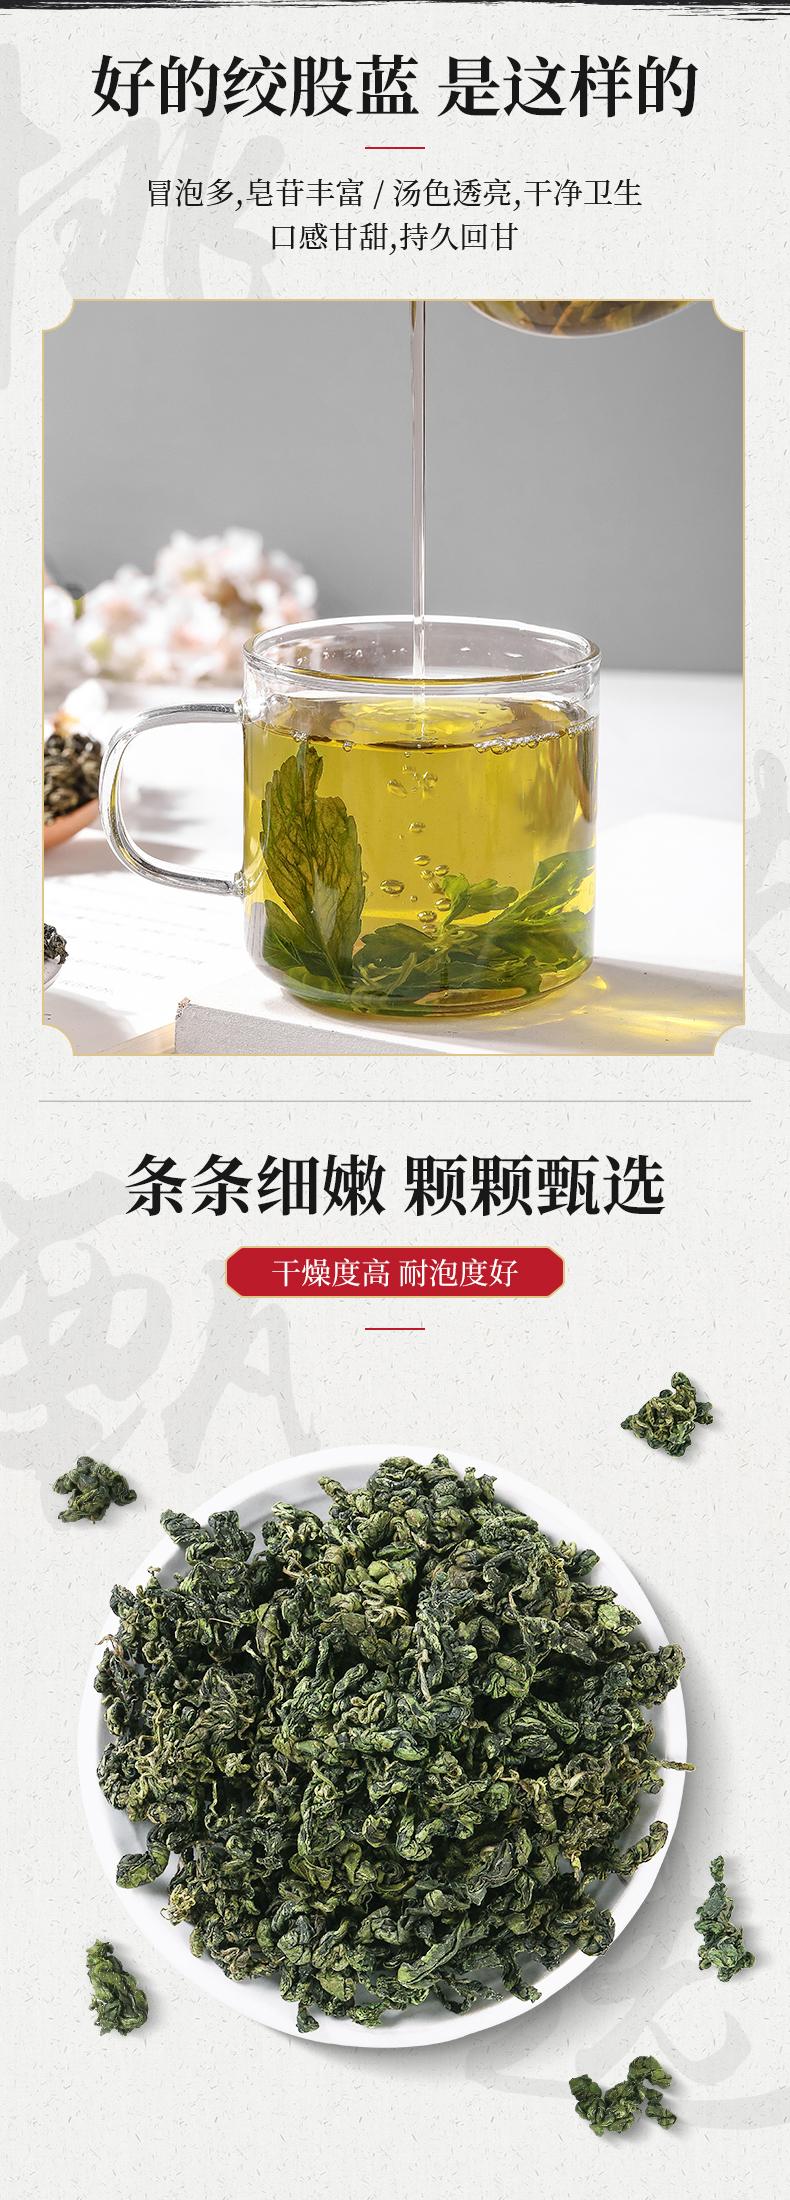 南方人参 仁和 绞股蓝茶 70g 保肝解毒降三高 图3